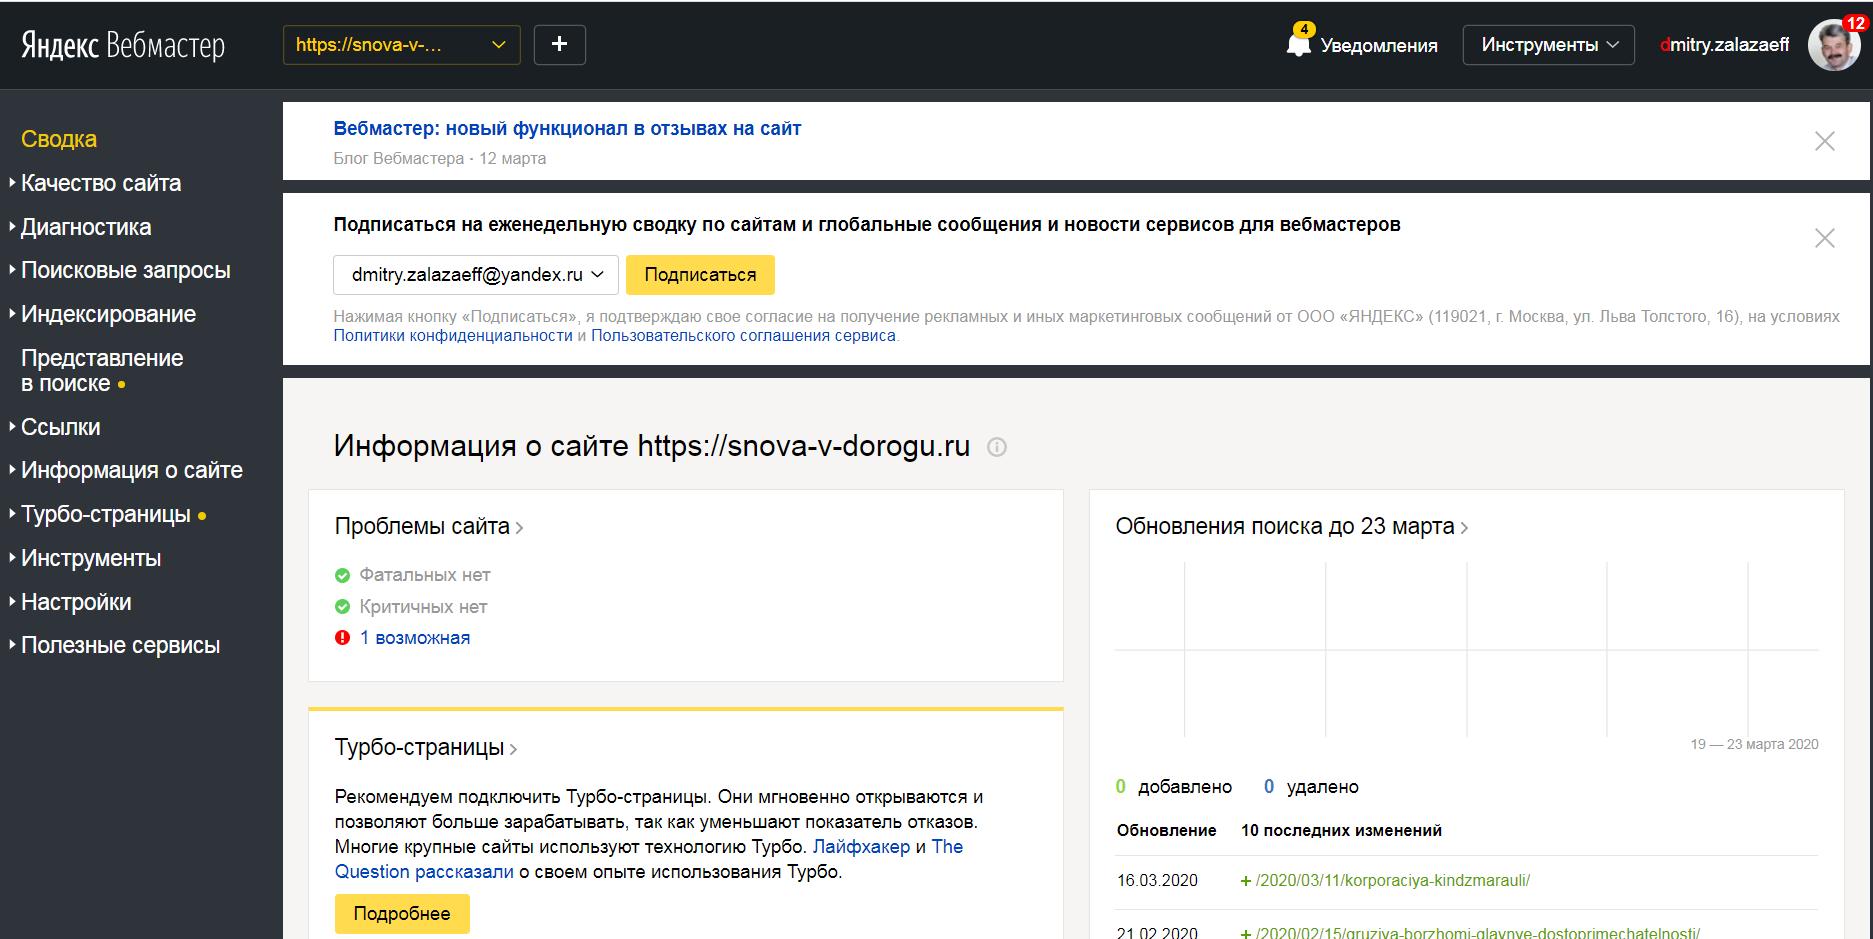 Сервис Яндекс.Вебмастер